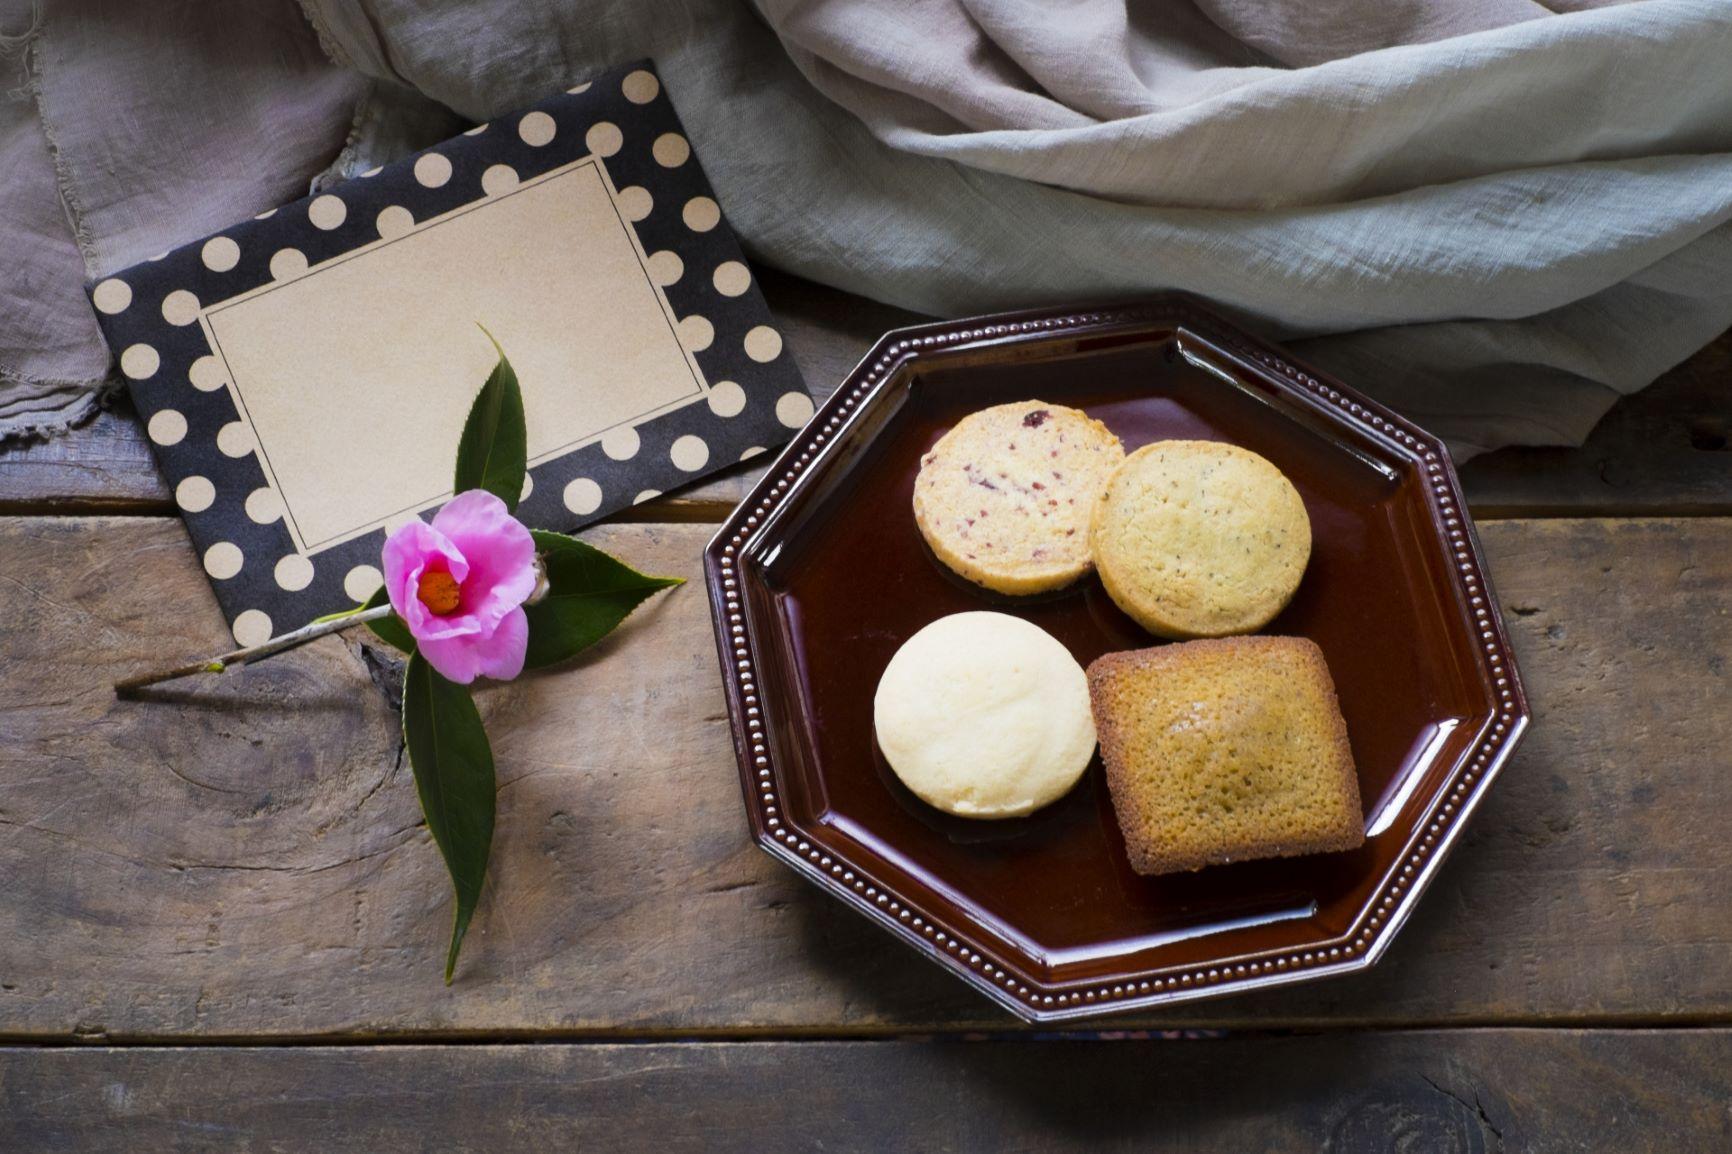 無印良品クッキーおすすめを紹介!カロリー&値段も!ピスタチオは?